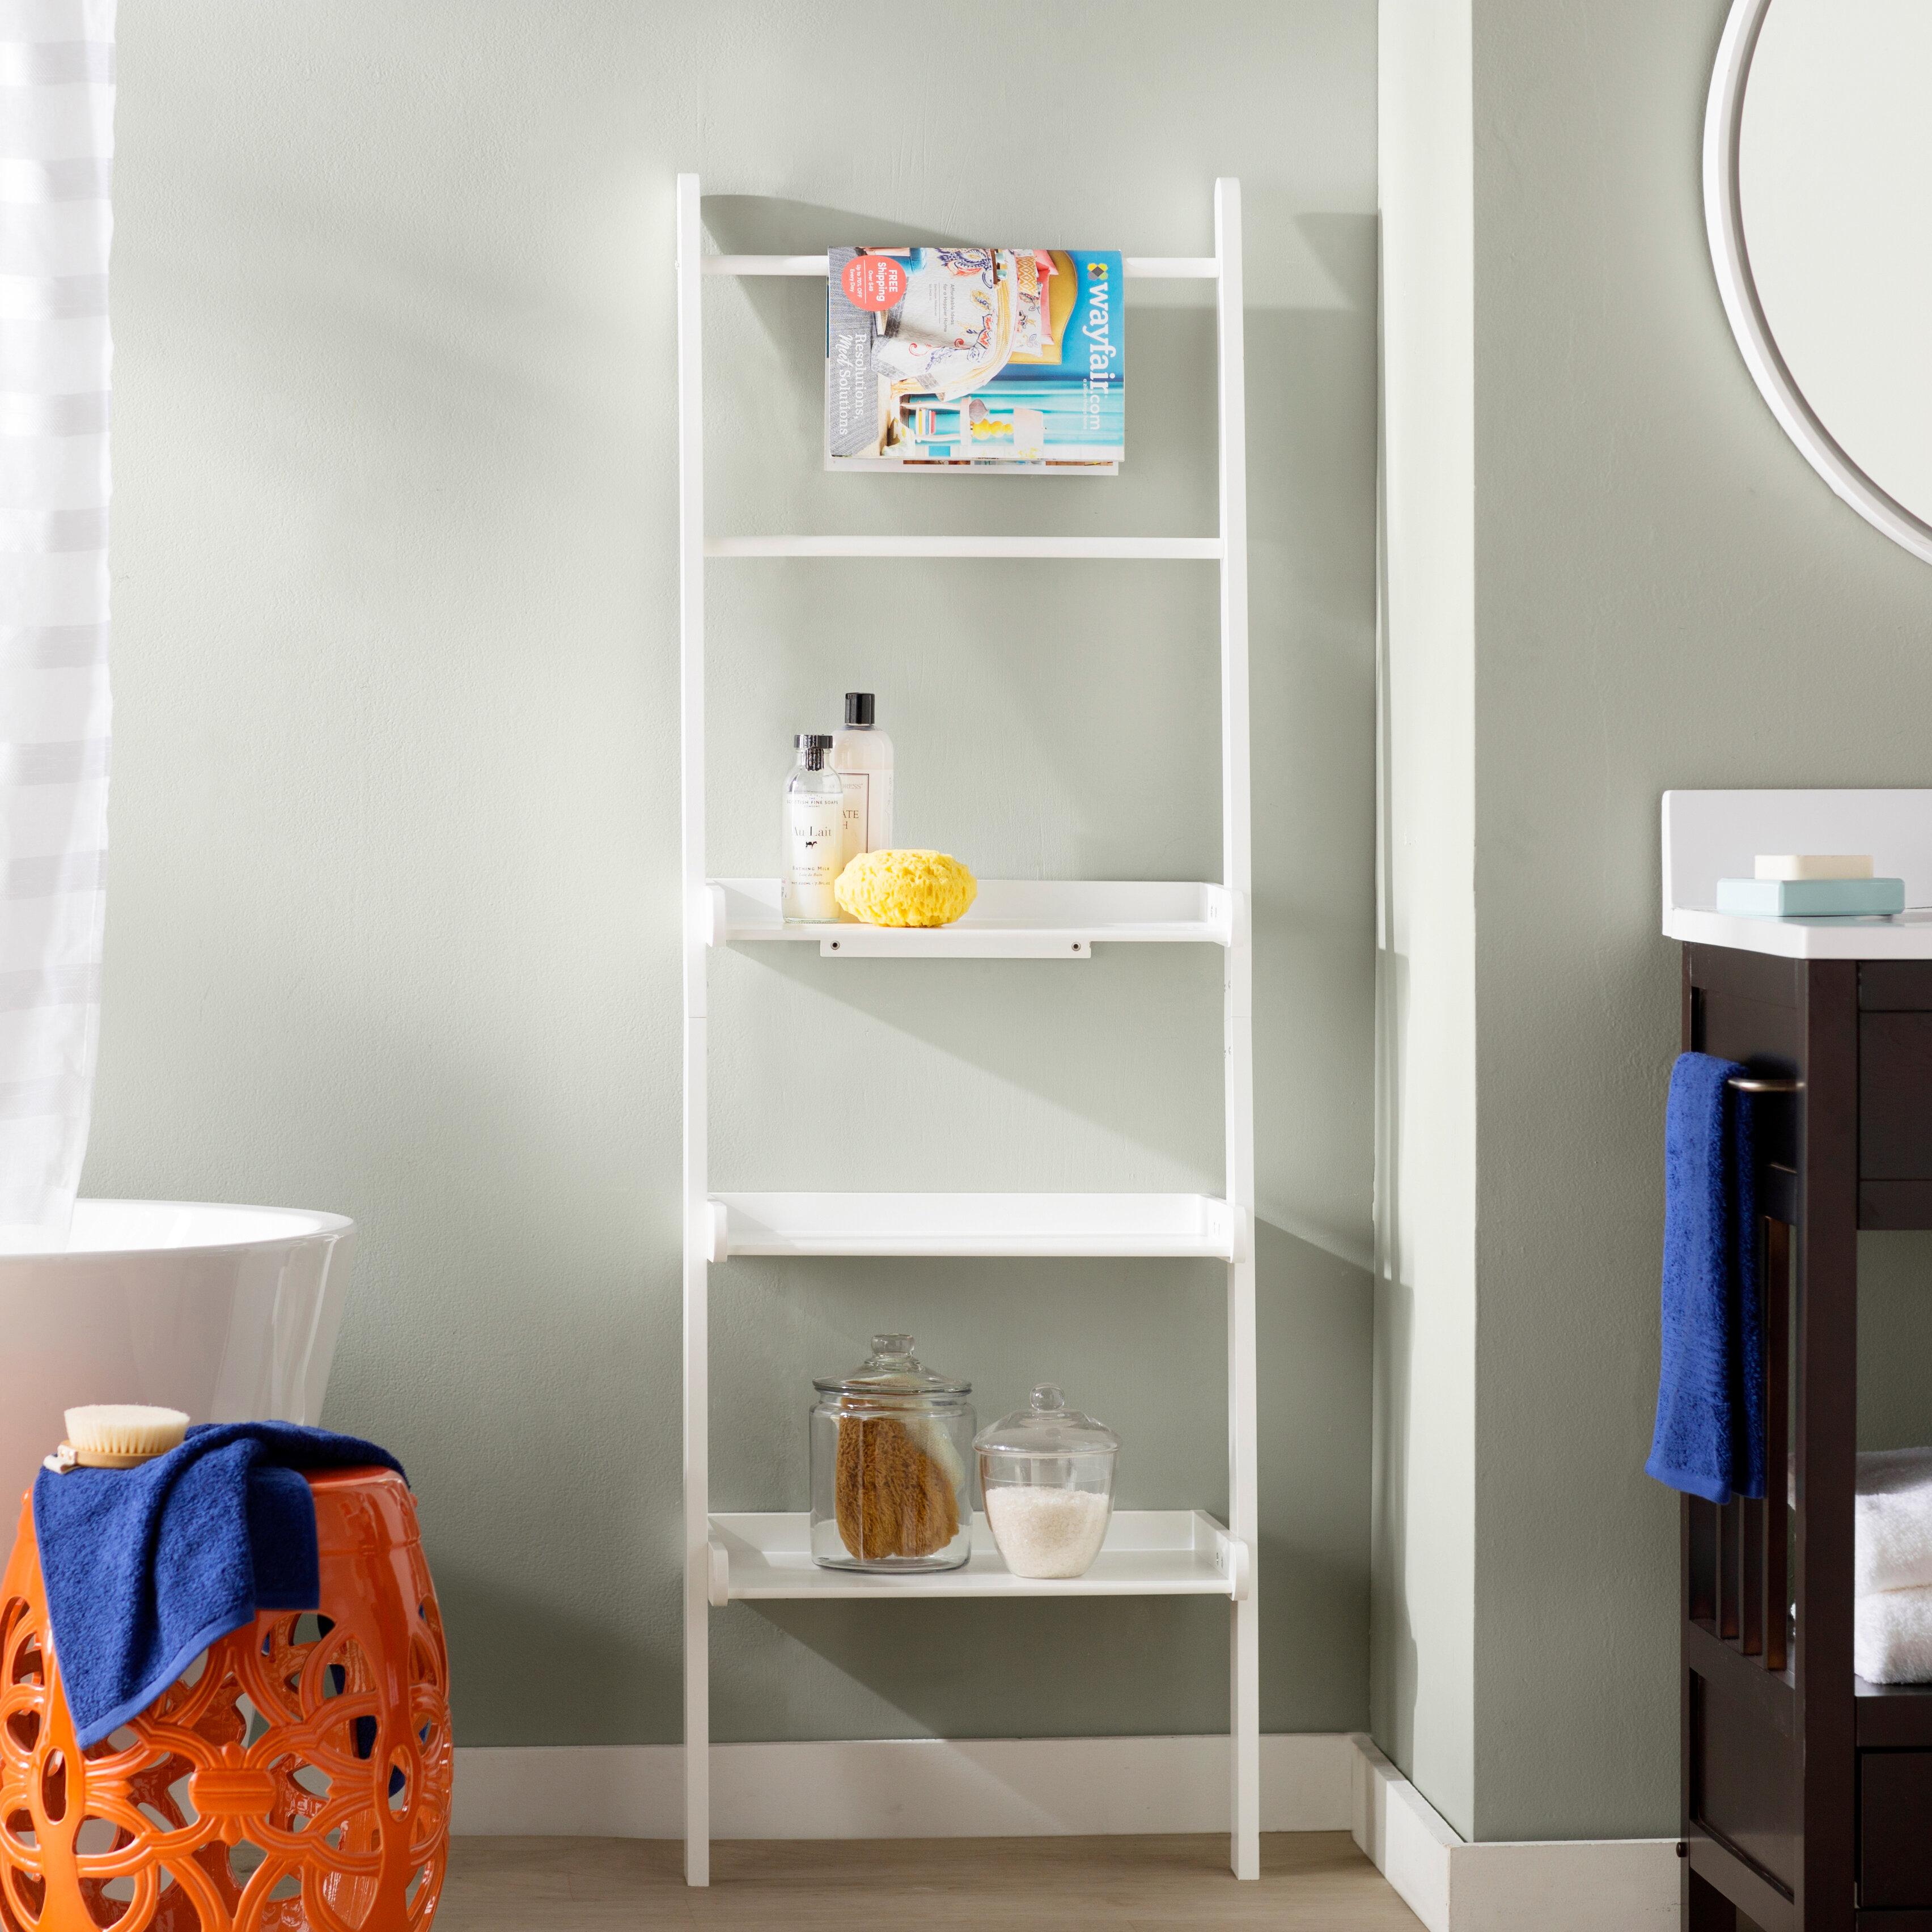 wayfair shelf bliss bathroom organization laura h x ashley pdx w bath reviews storage